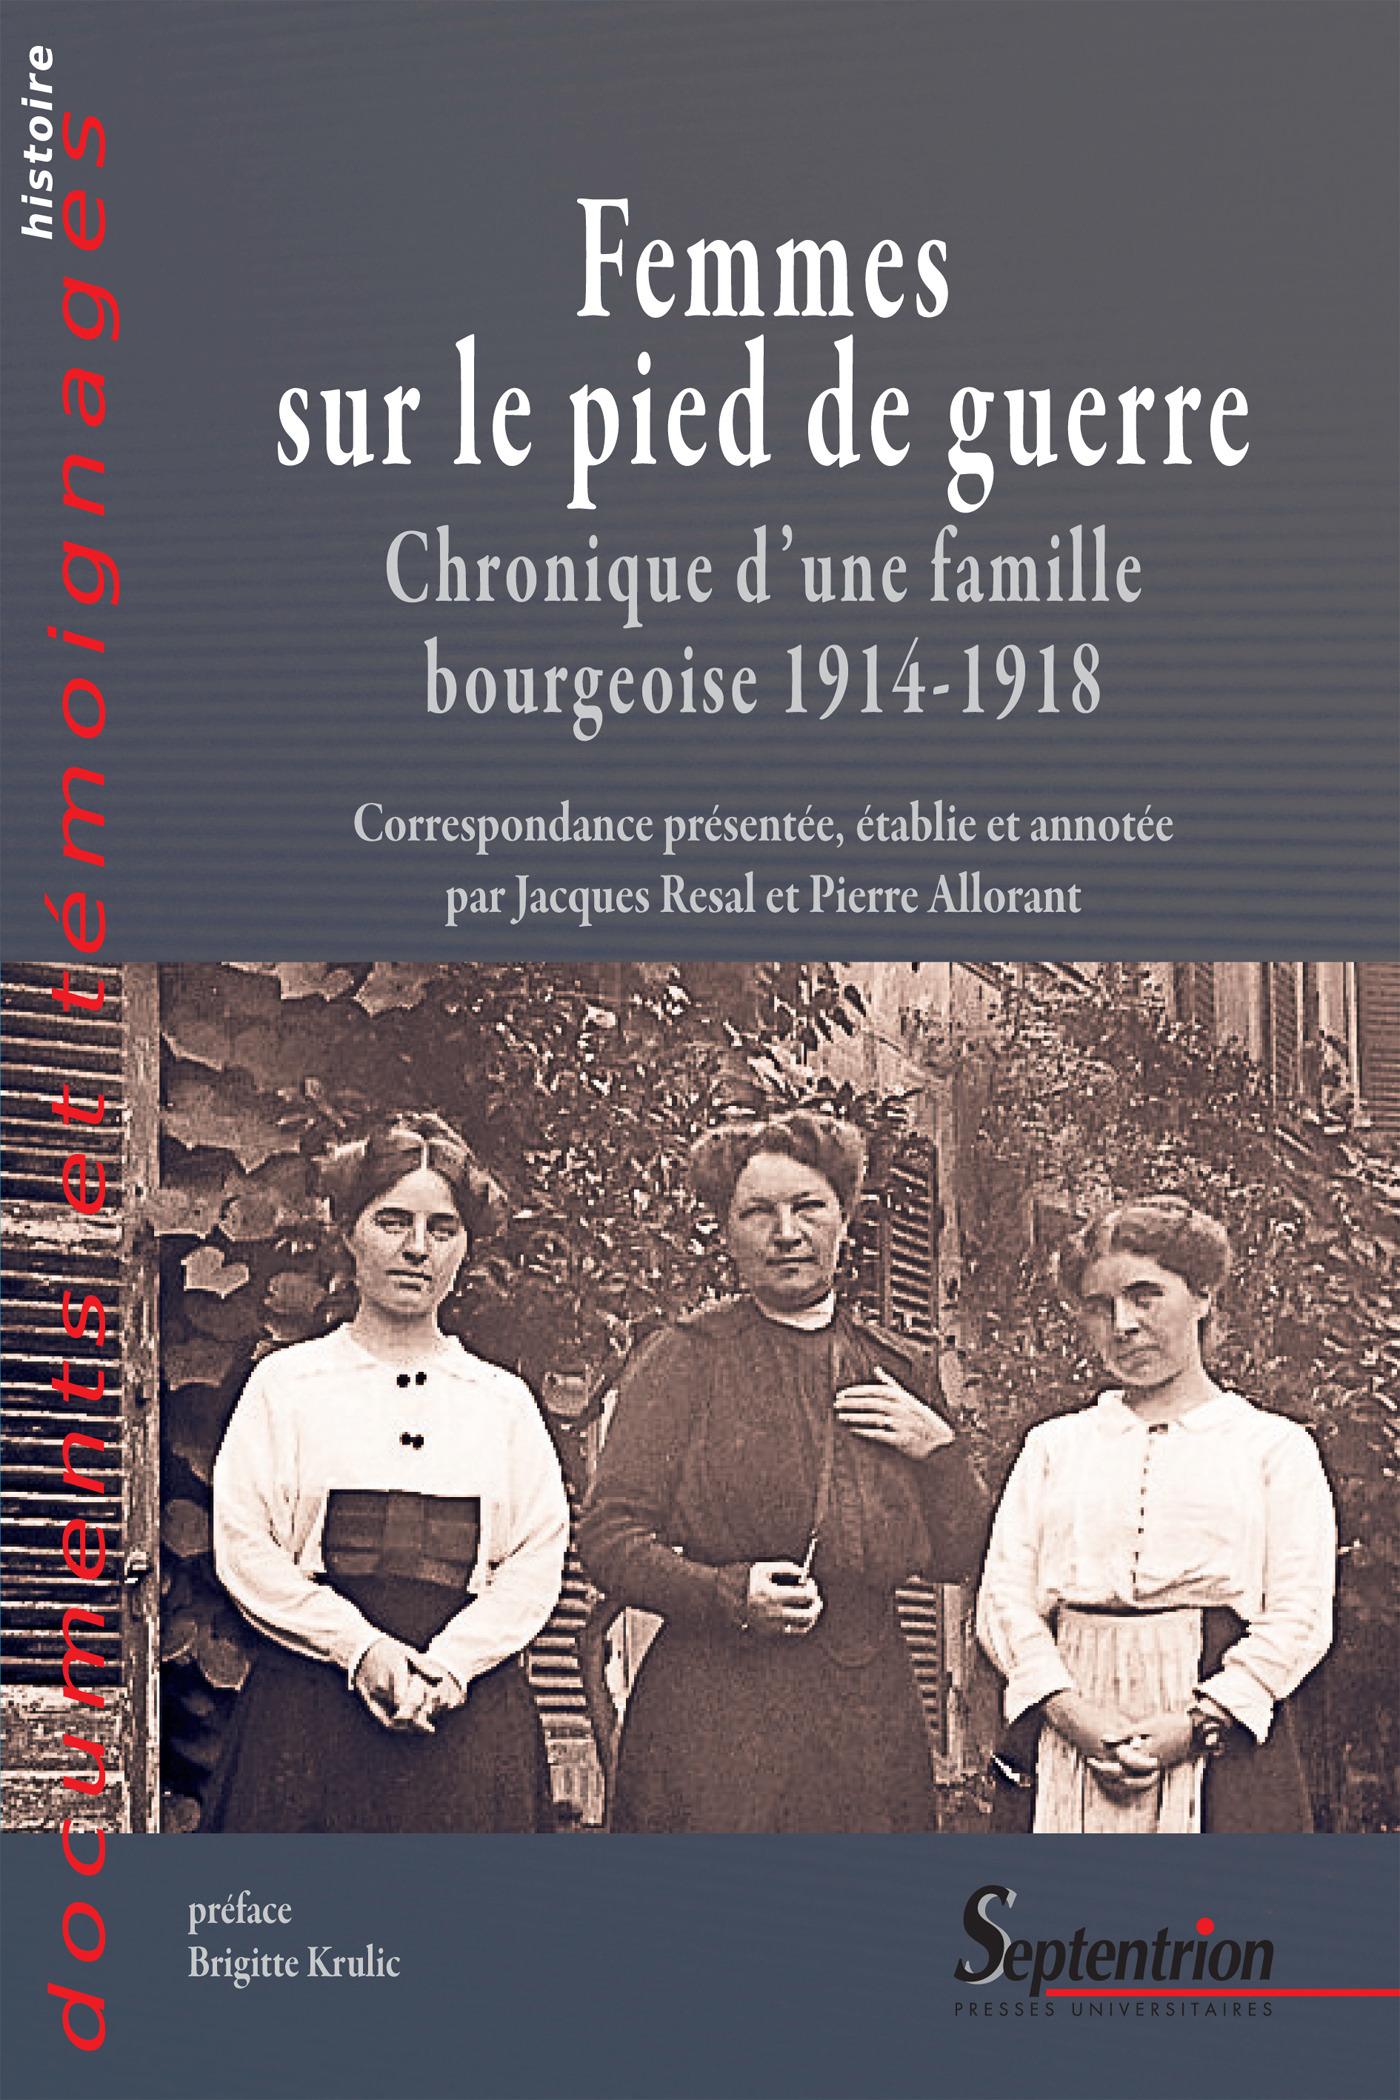 Femmes sur le pied de guerre - chronique d'une famille bourgeoise 1914-1918